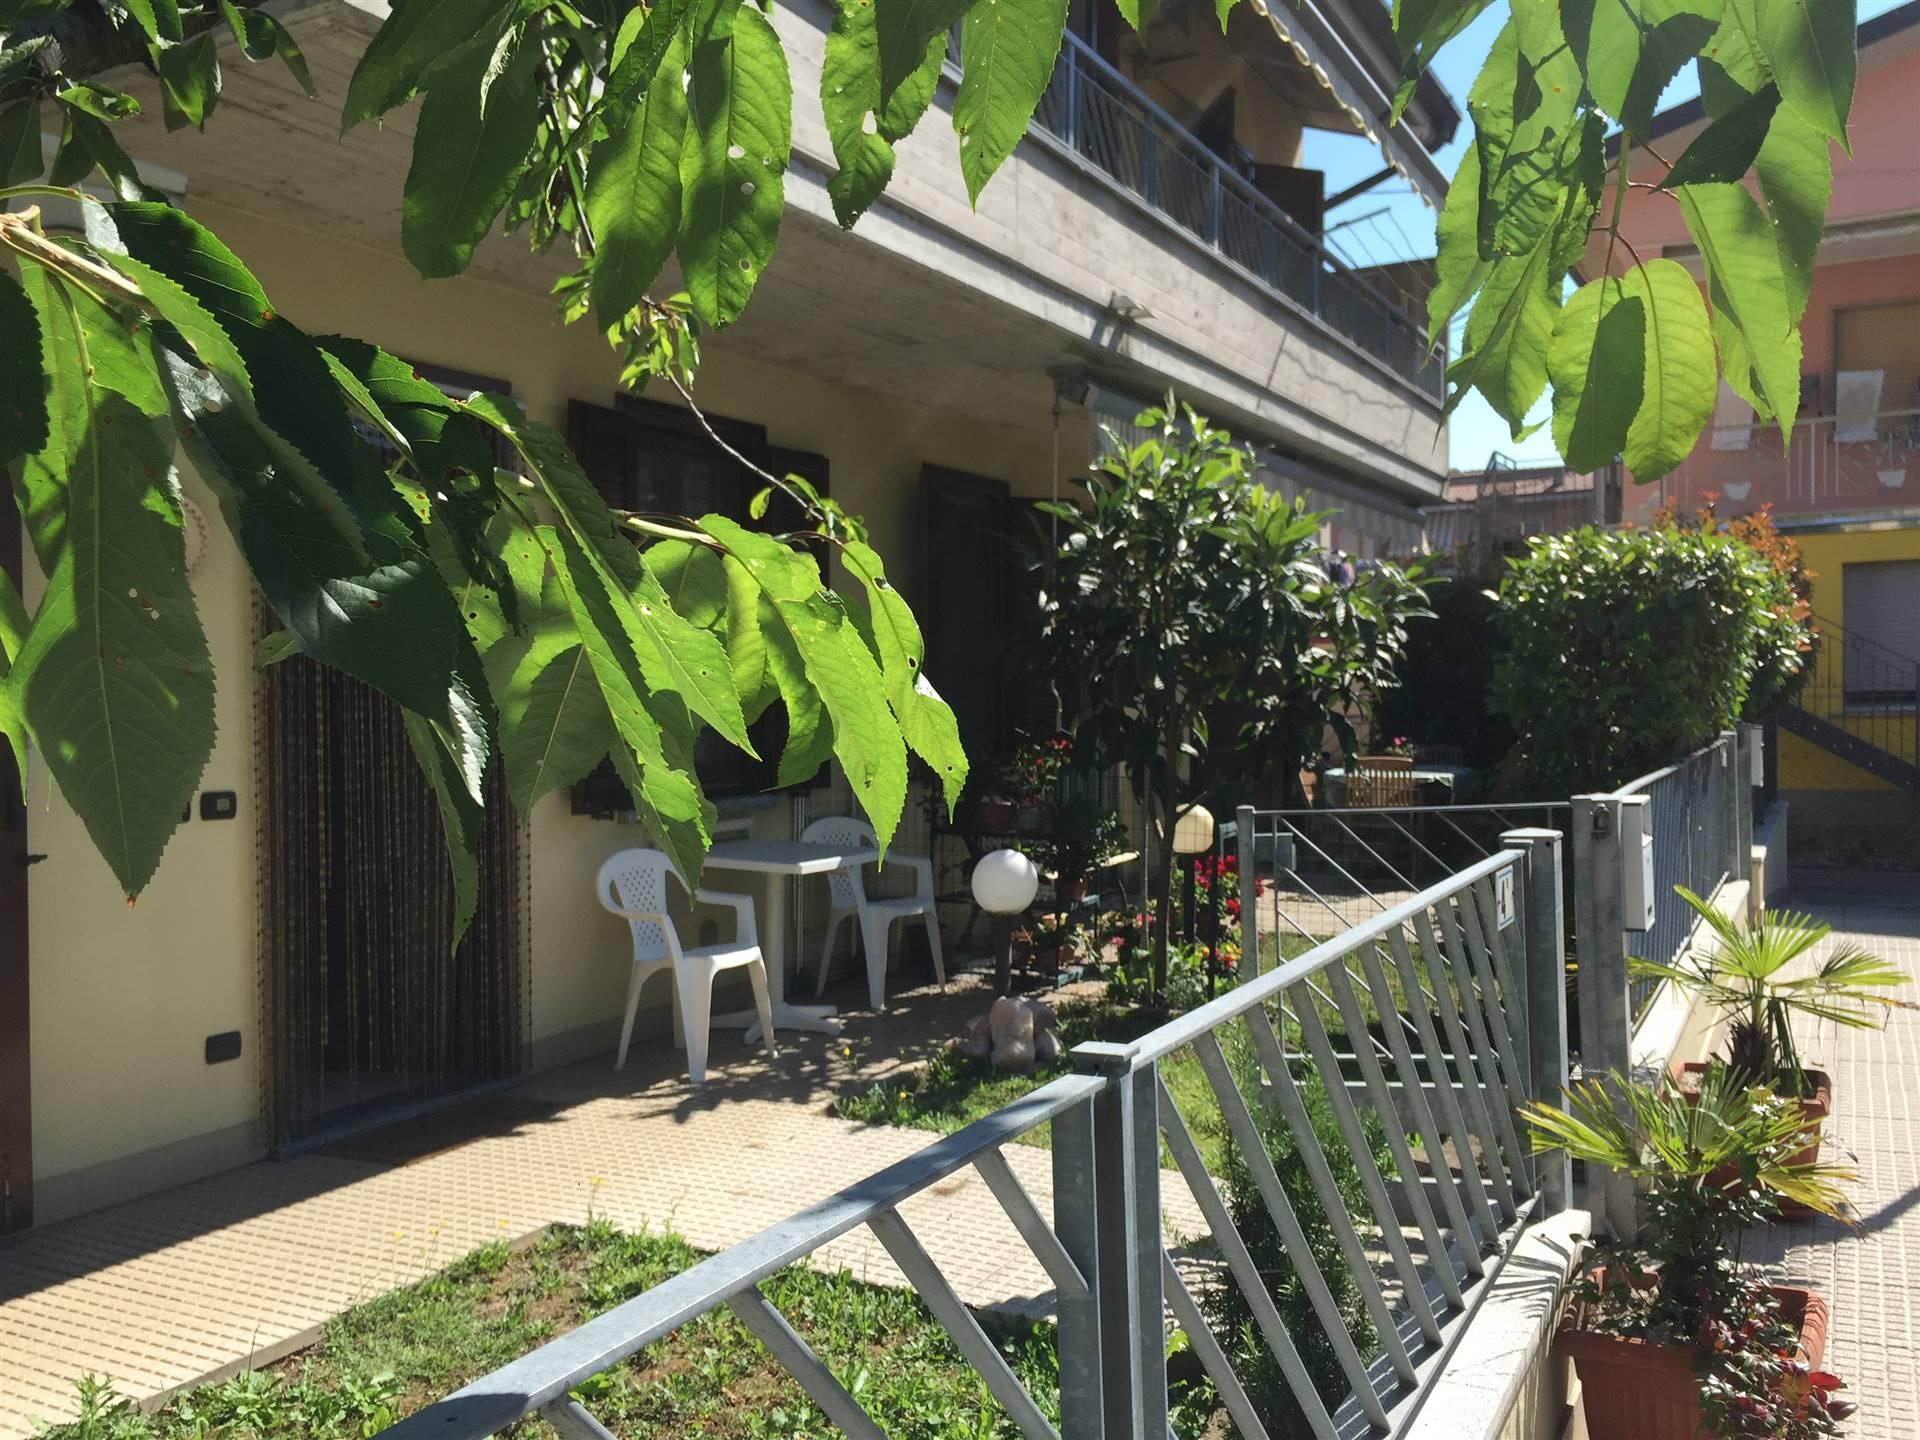 Trilocale indipendente al piano terra con giardino, in contesto di sole 4 unità , composto da soggiorno con cucina a vista, due camere, bagno,